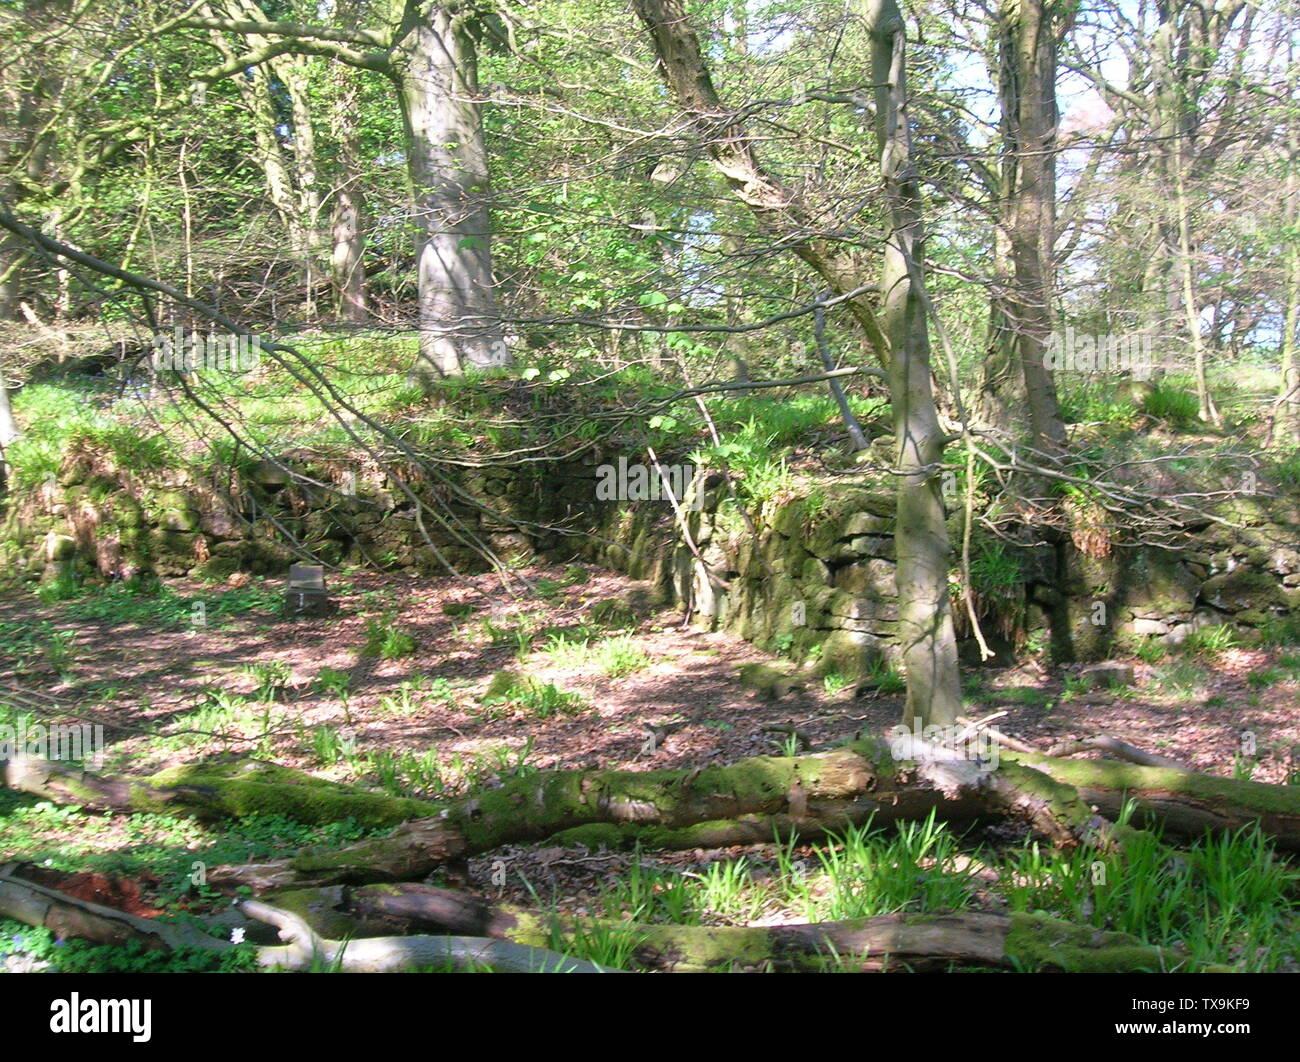 """""""Inglés: Una vista de la pared exterior del antiguo castillo en el Montgreenan Lugton agua, North Ayrshire, Escocia. 2007. Rosser 12:41, 27 de abril de 2007 (UTC); el 27 de abril de 2007 (fecha de carga original); propio workTransferred desde en.wikipedia; Rosser1954 en en.wikipedia; ' Imagen De Stock"""